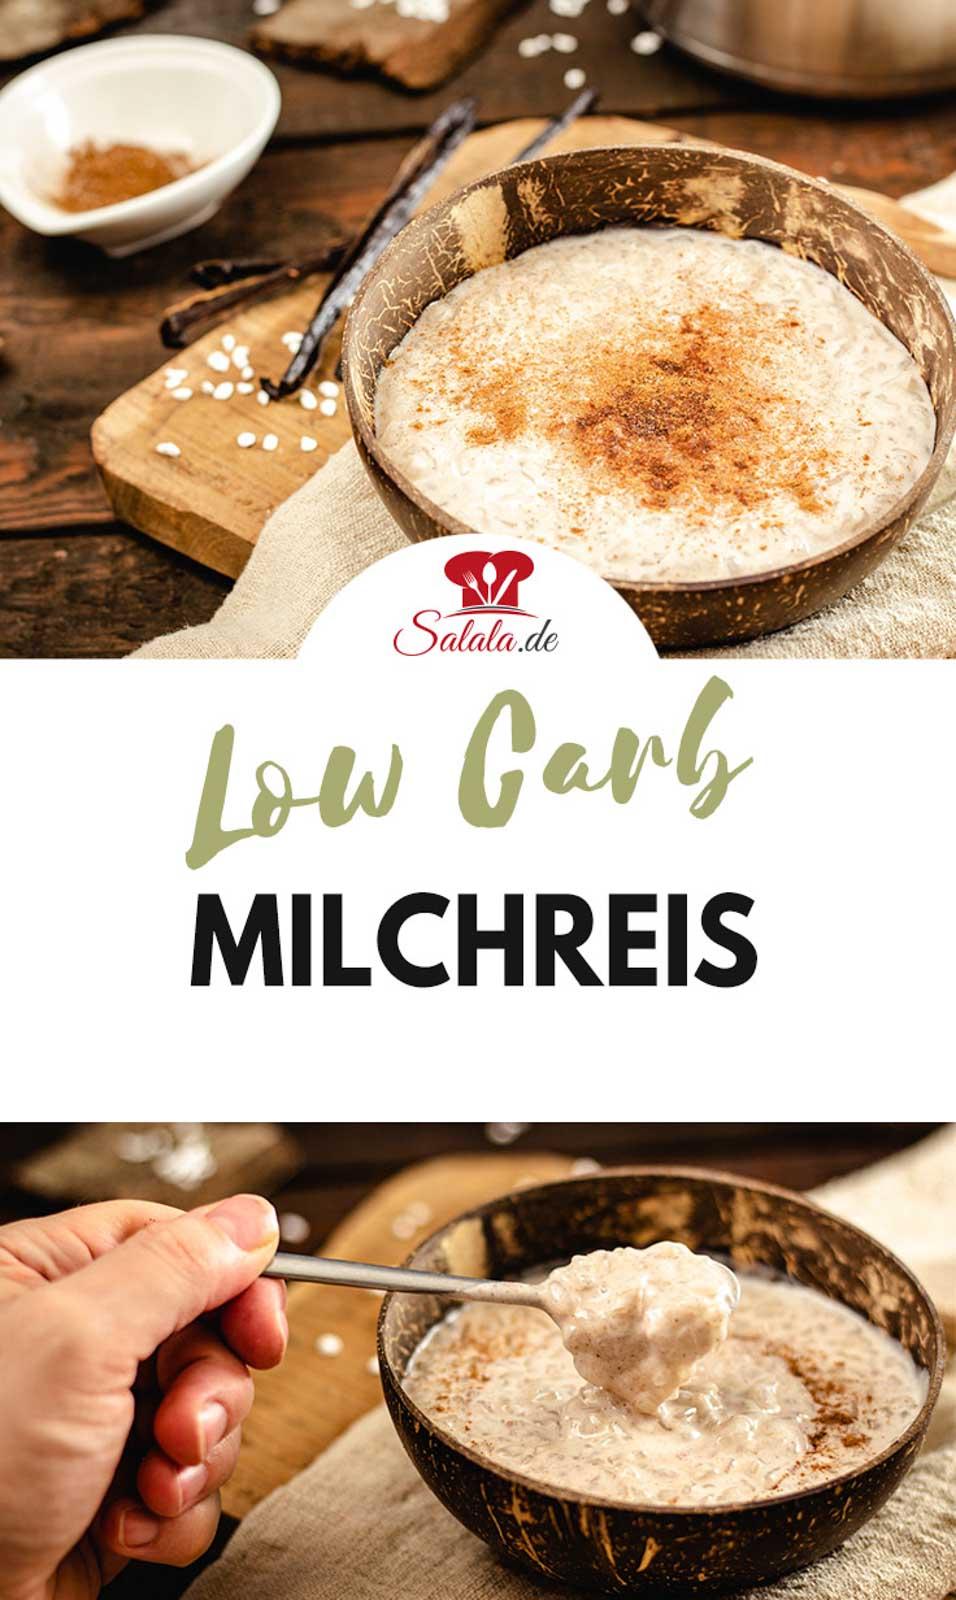 Einfacher Low Carb Milchreis aus Shileo Konjak Reis mit Kokosmilch und Zimt. Für alle die ohne Milchprodukte und ohne Kohlenhydrate leben. Der Milchreis ohne Zucker ist sowohl Low Carb als auch Keto. #LowCarbMilchreis #MilchreisKonjak #MilchreisMitKokosmilch #MilchreisOhneZucker #MilchreisMitZimt